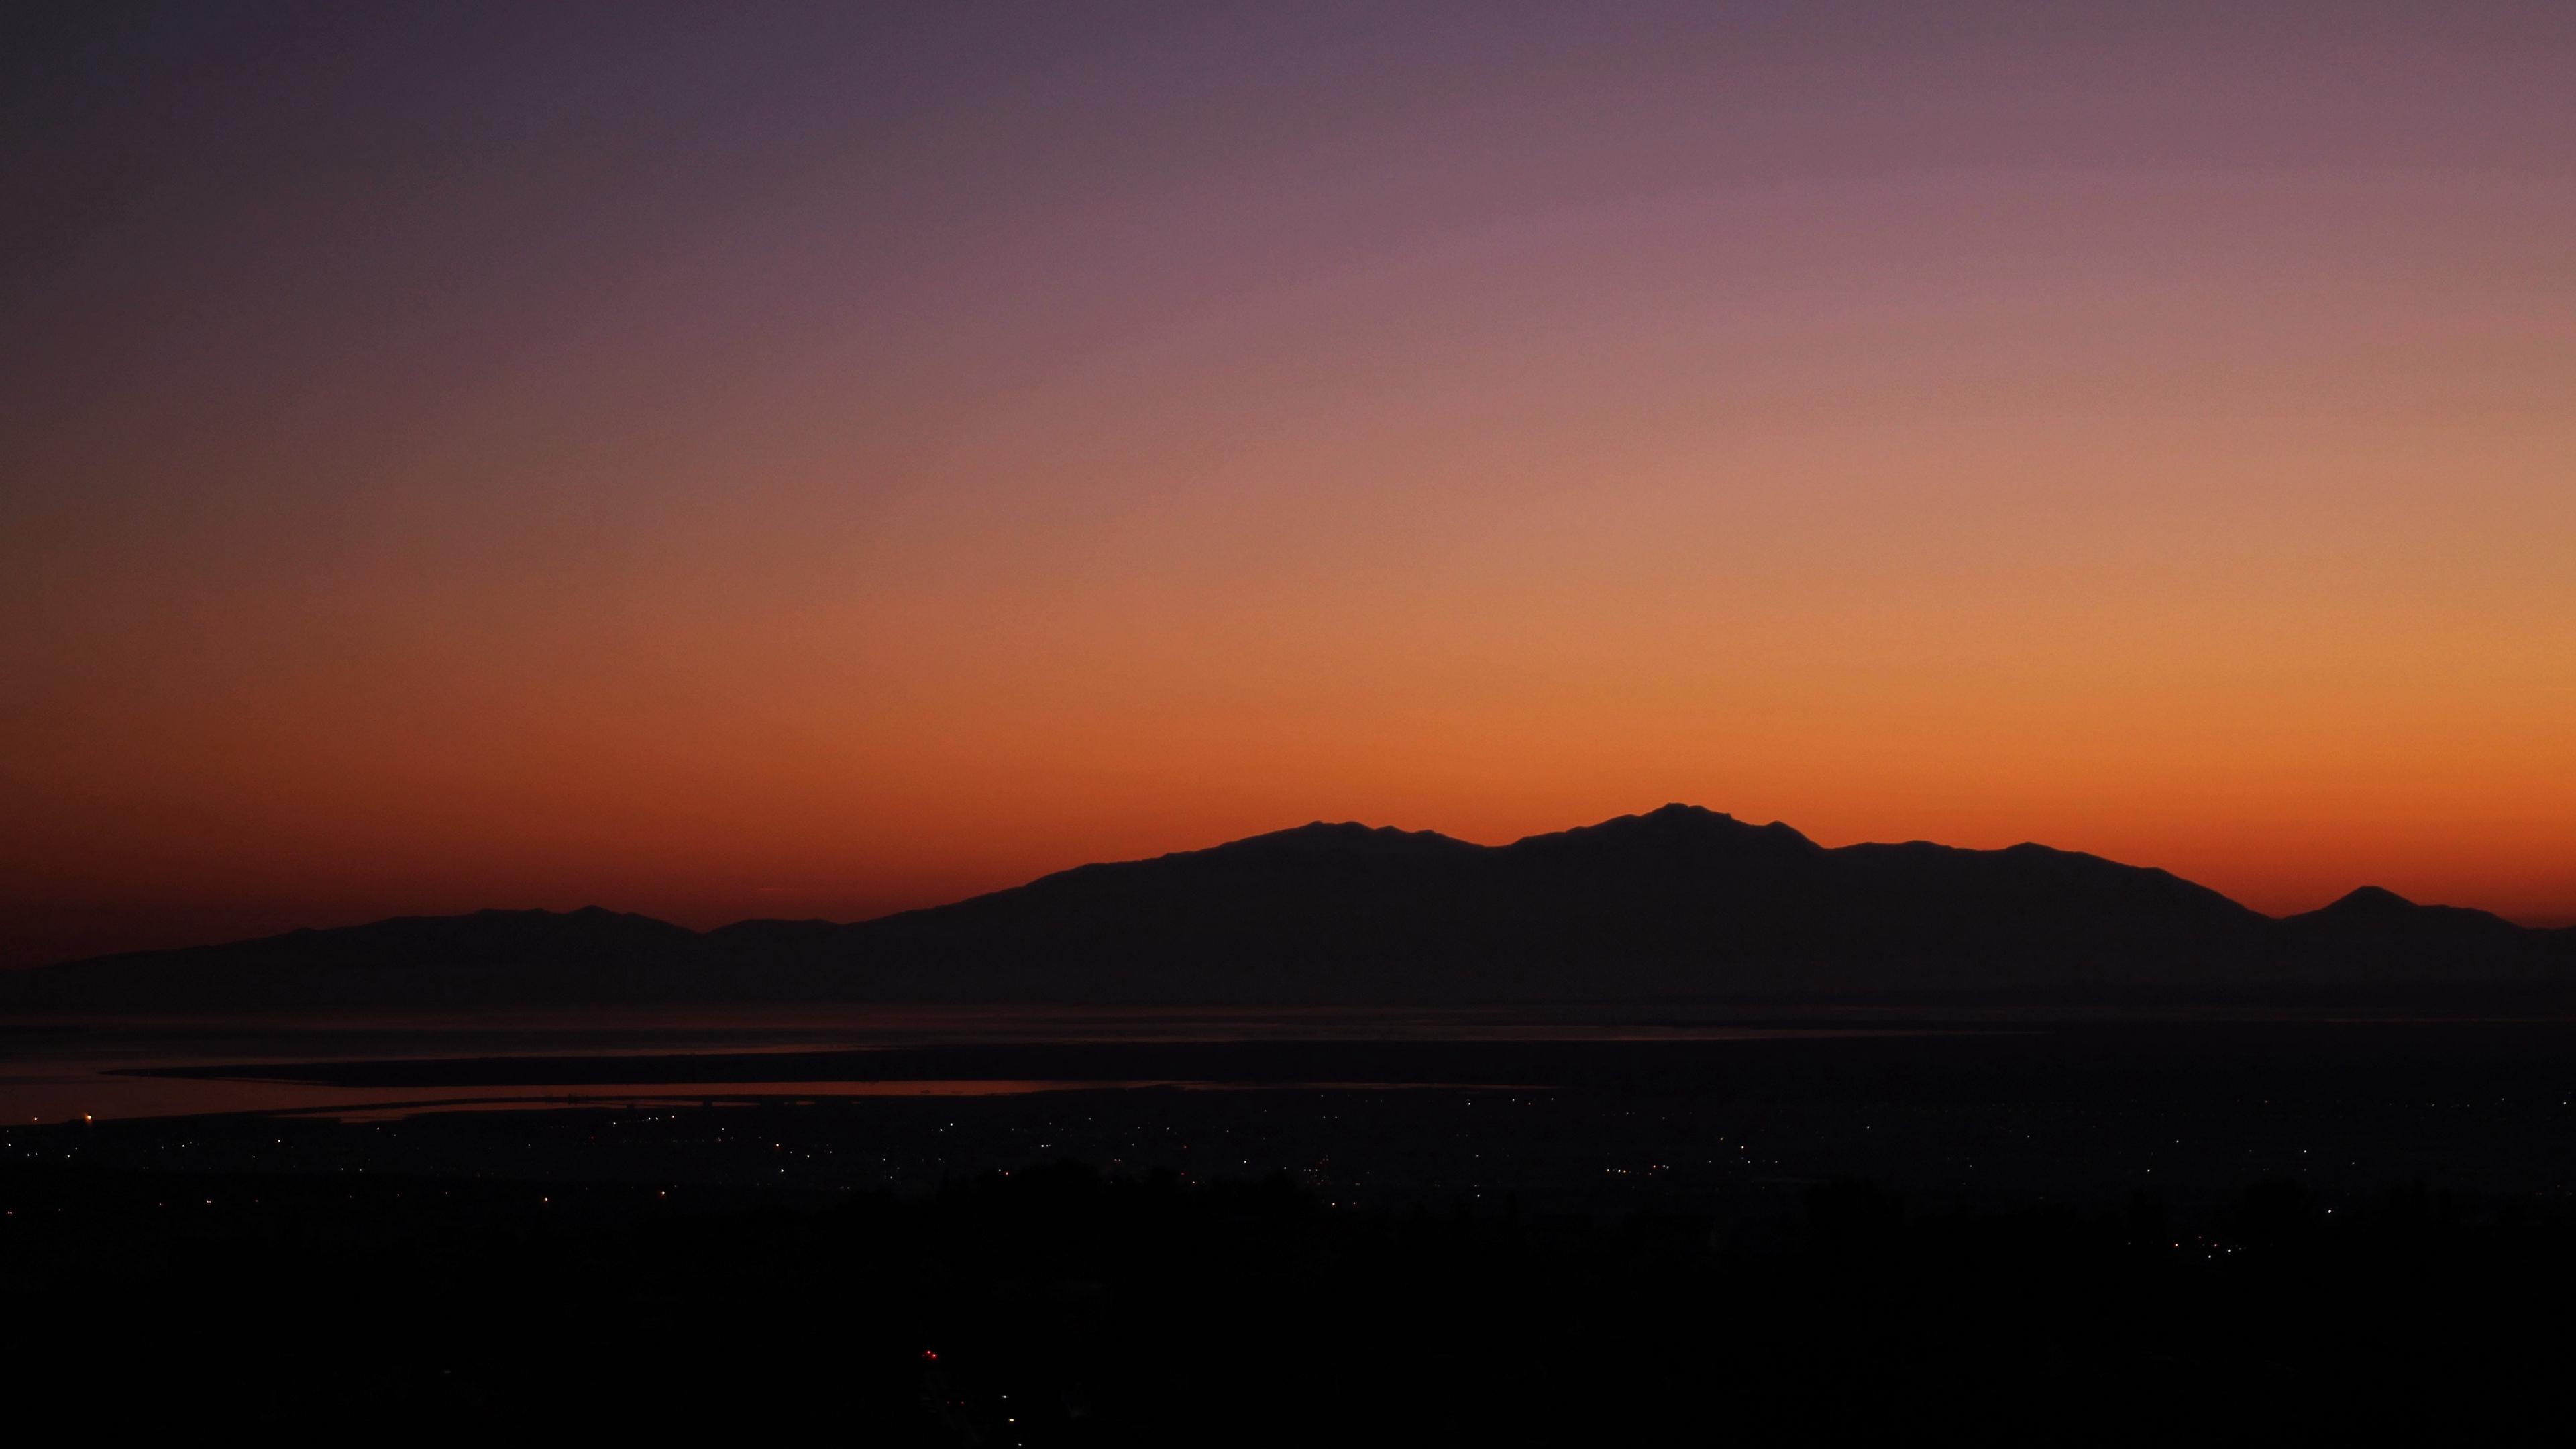 mountains horizon sunset sky 4k 1541117461 - mountains, horizon, sunset, sky 4k - sunset, Mountains, Horizon